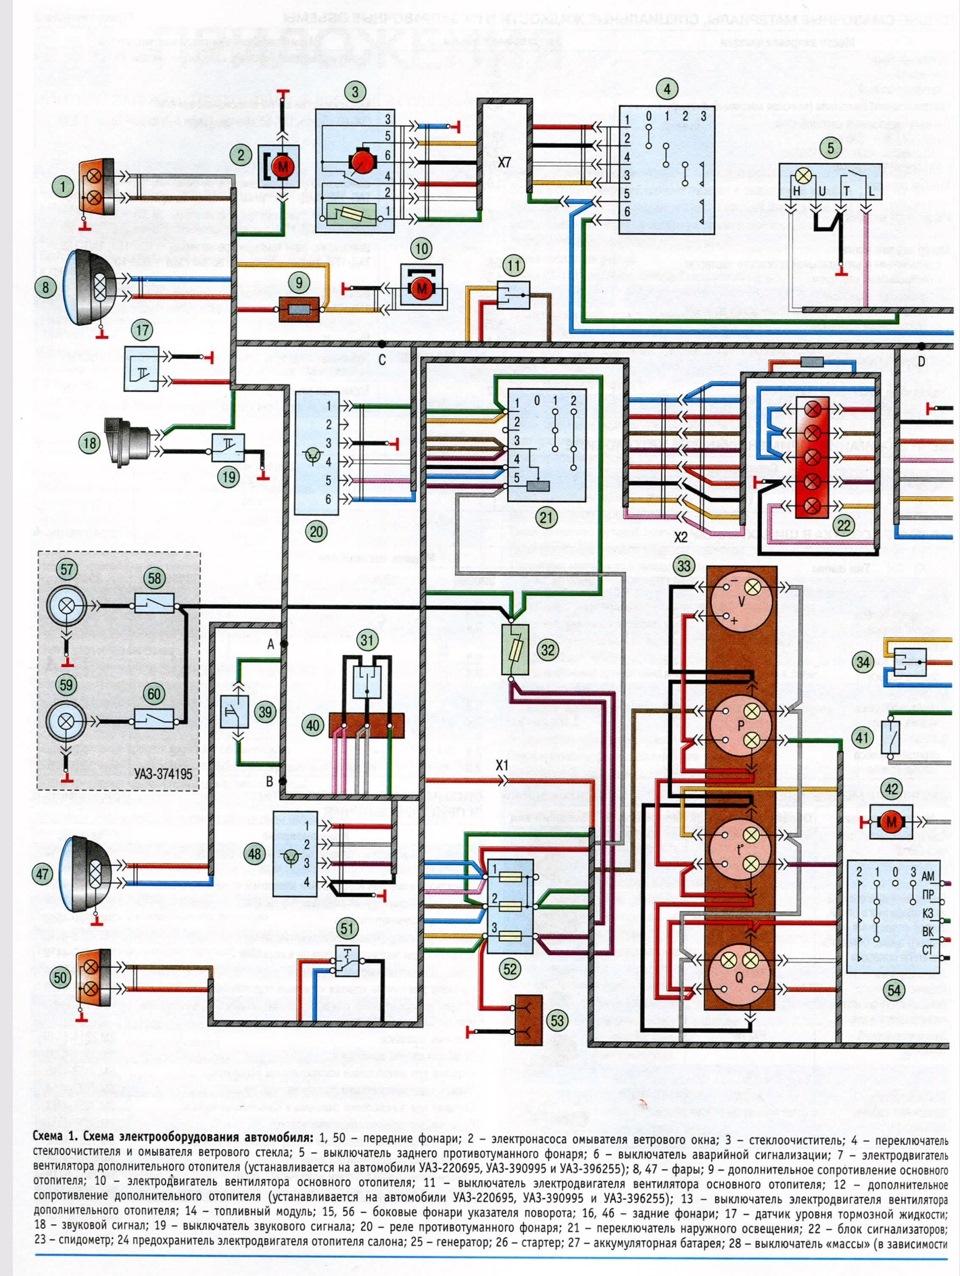 Электрическая схема уаз буханки